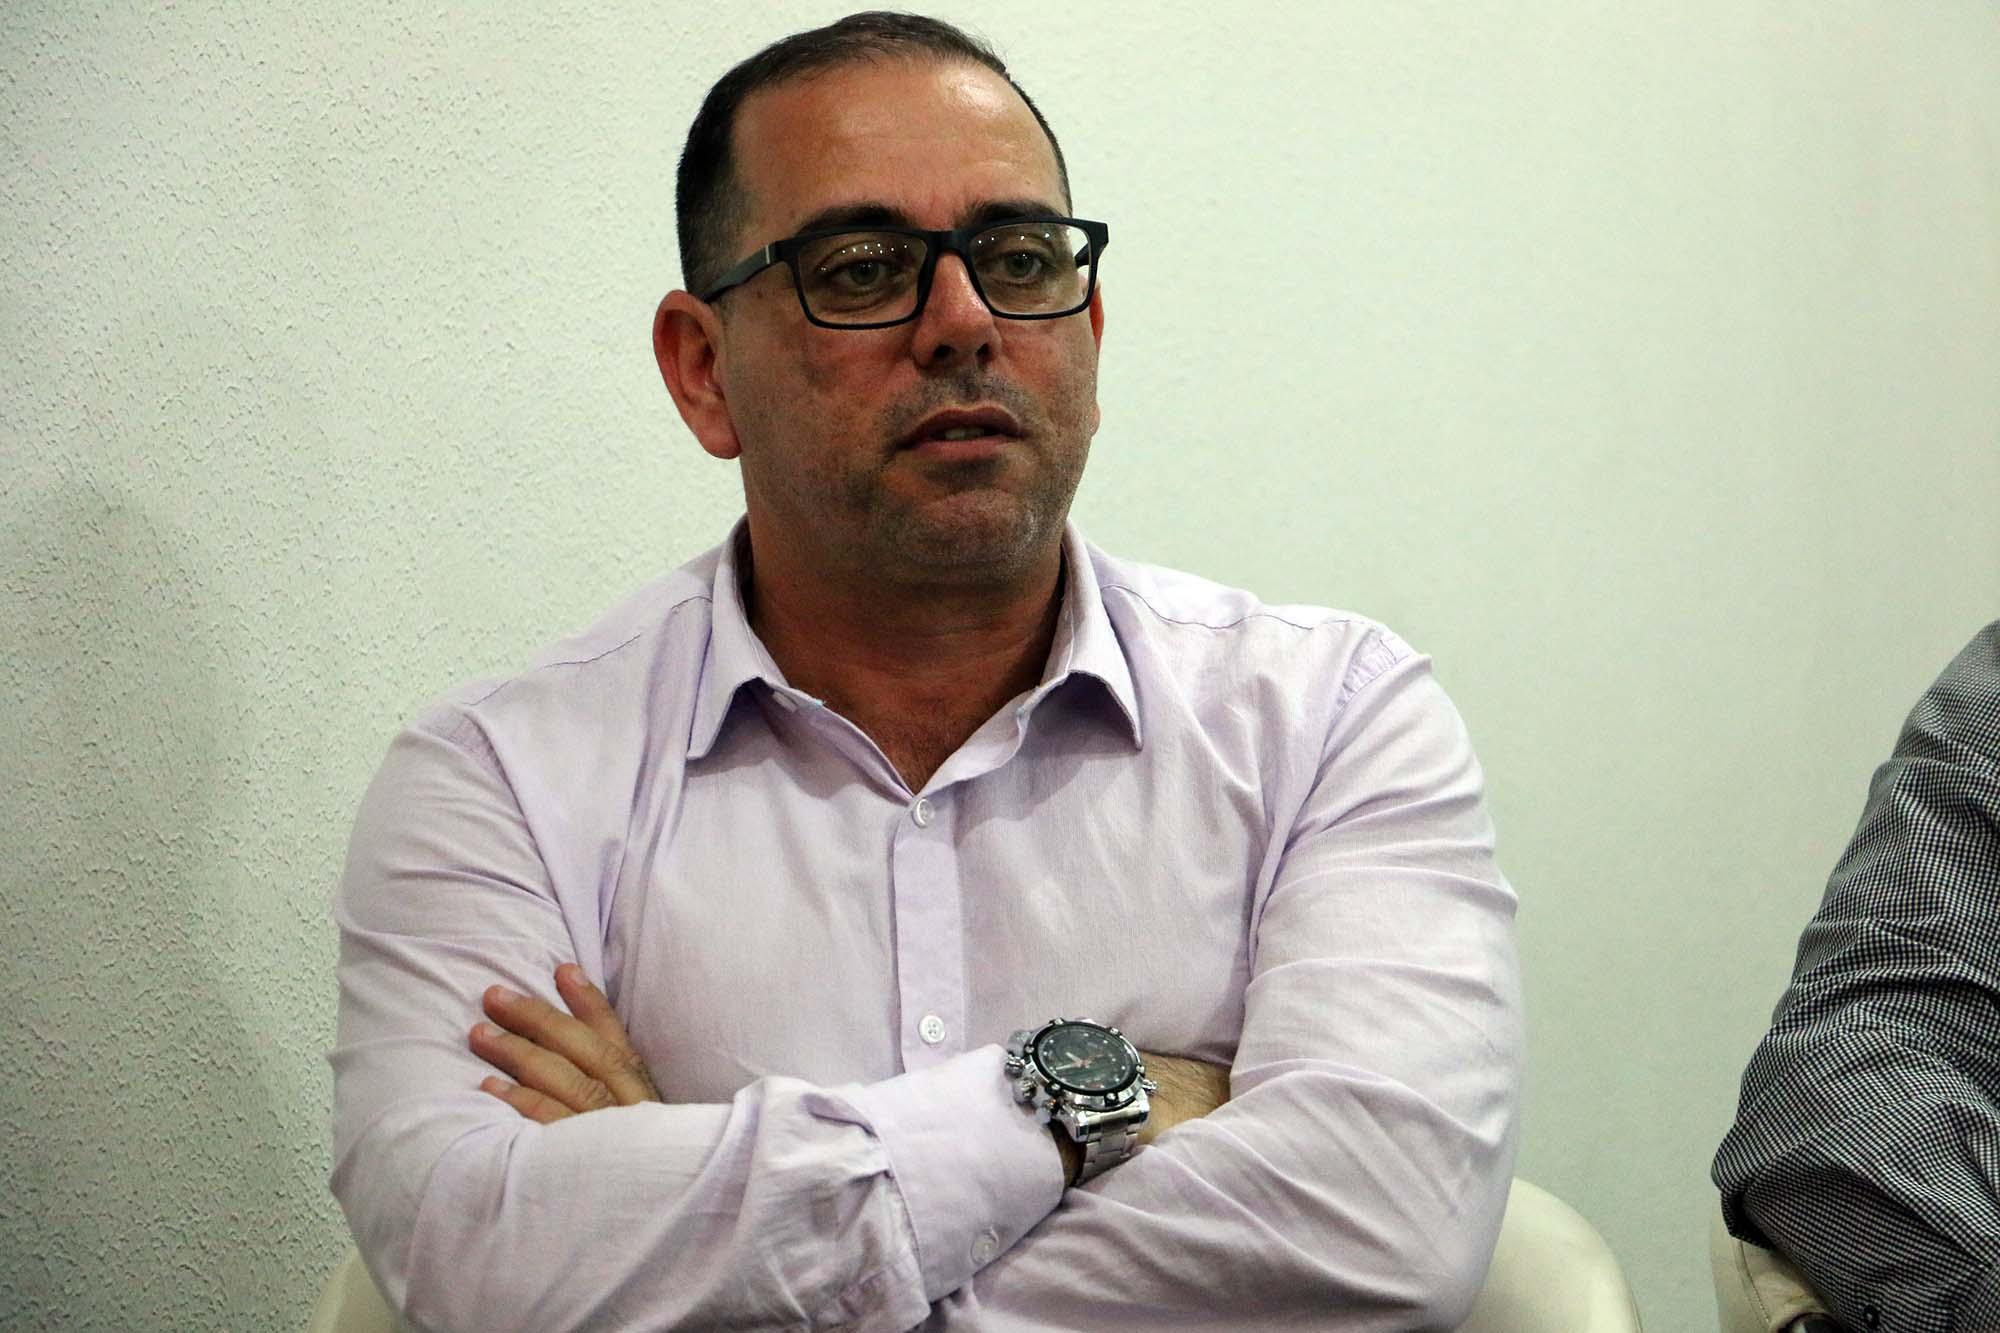 Mobarack destacou perfil adequado para contratações anunciadas nesta terça